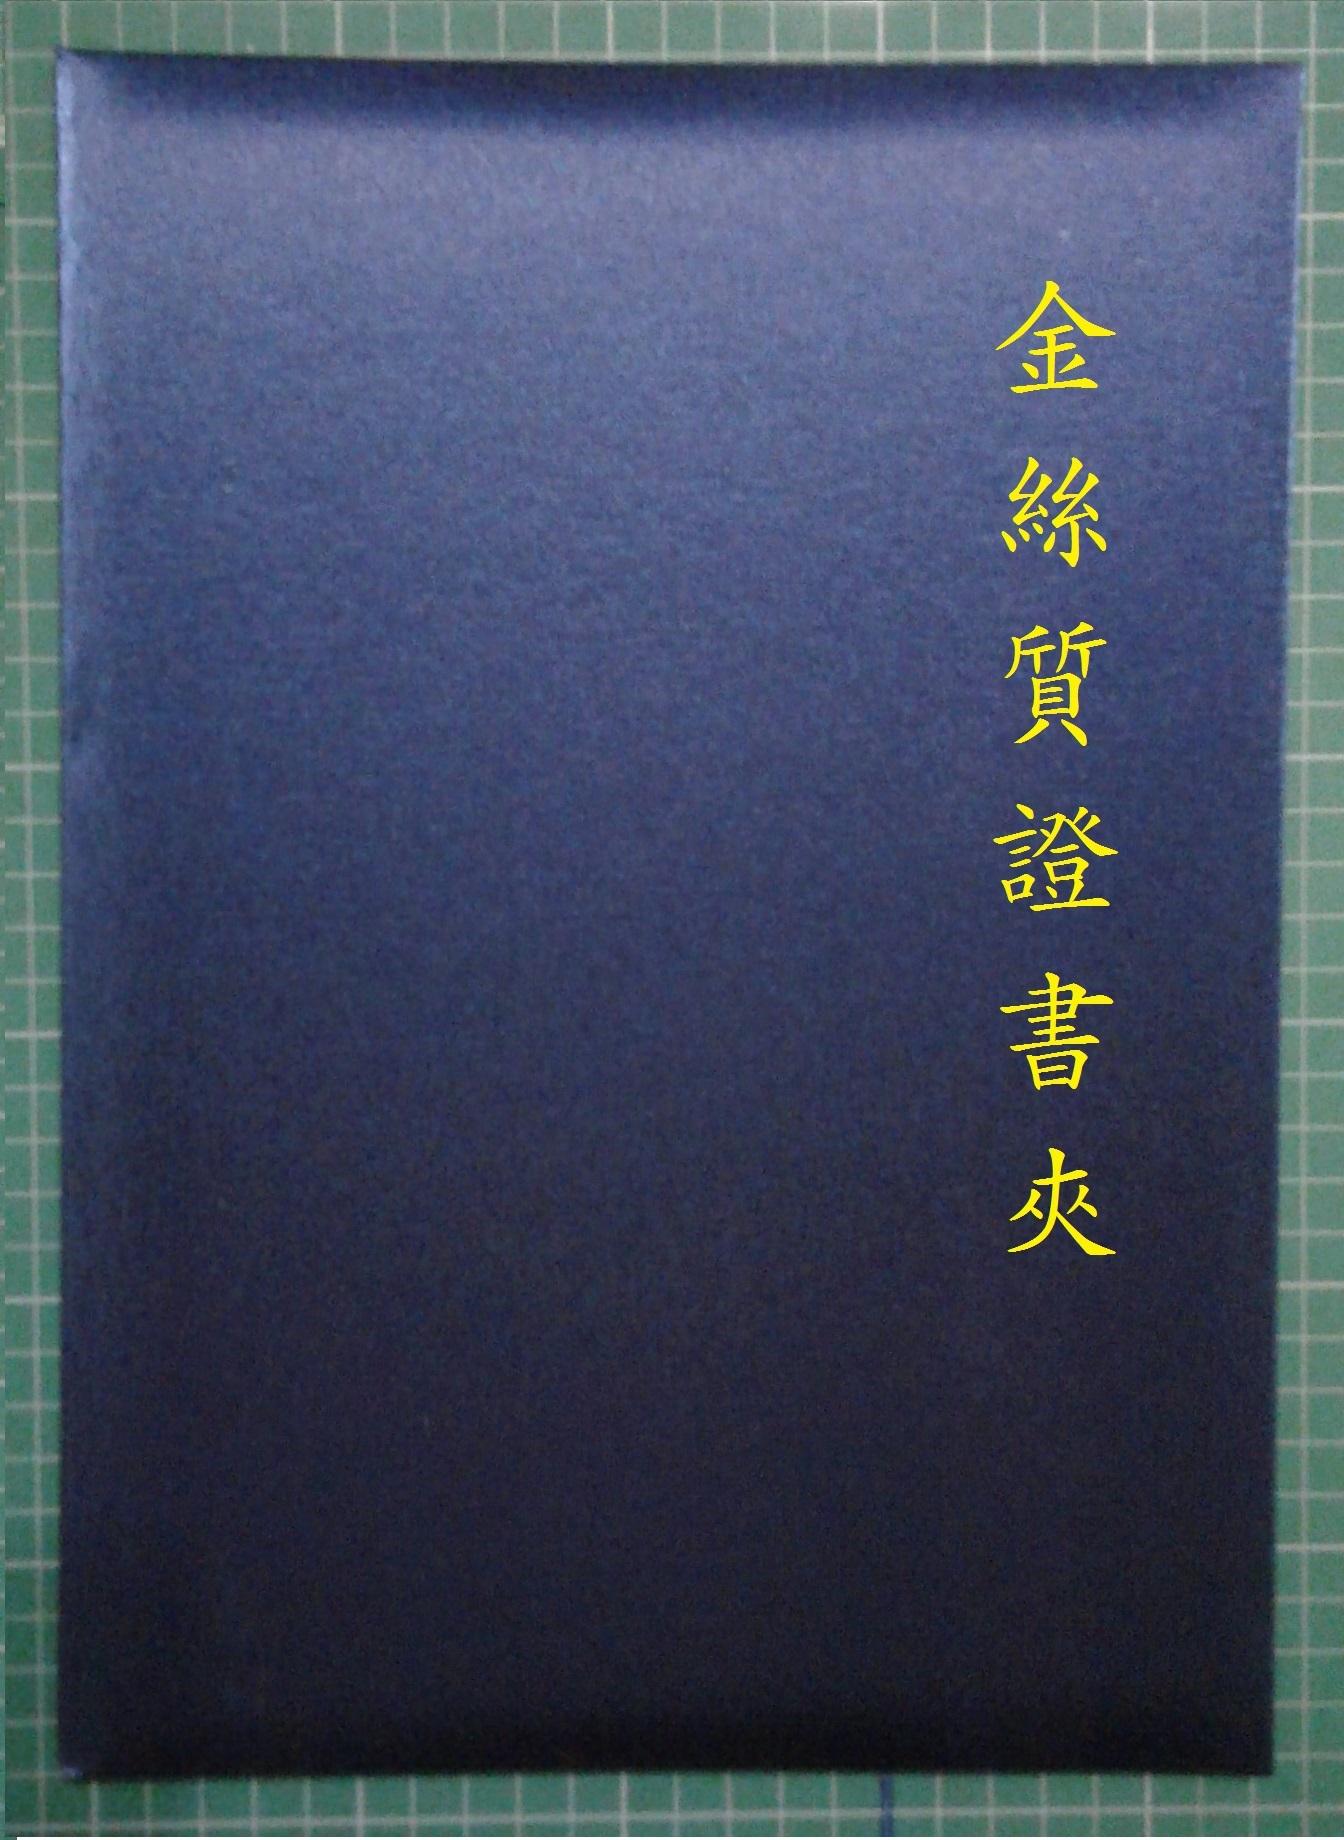 證書夾_170509_0013.jpg